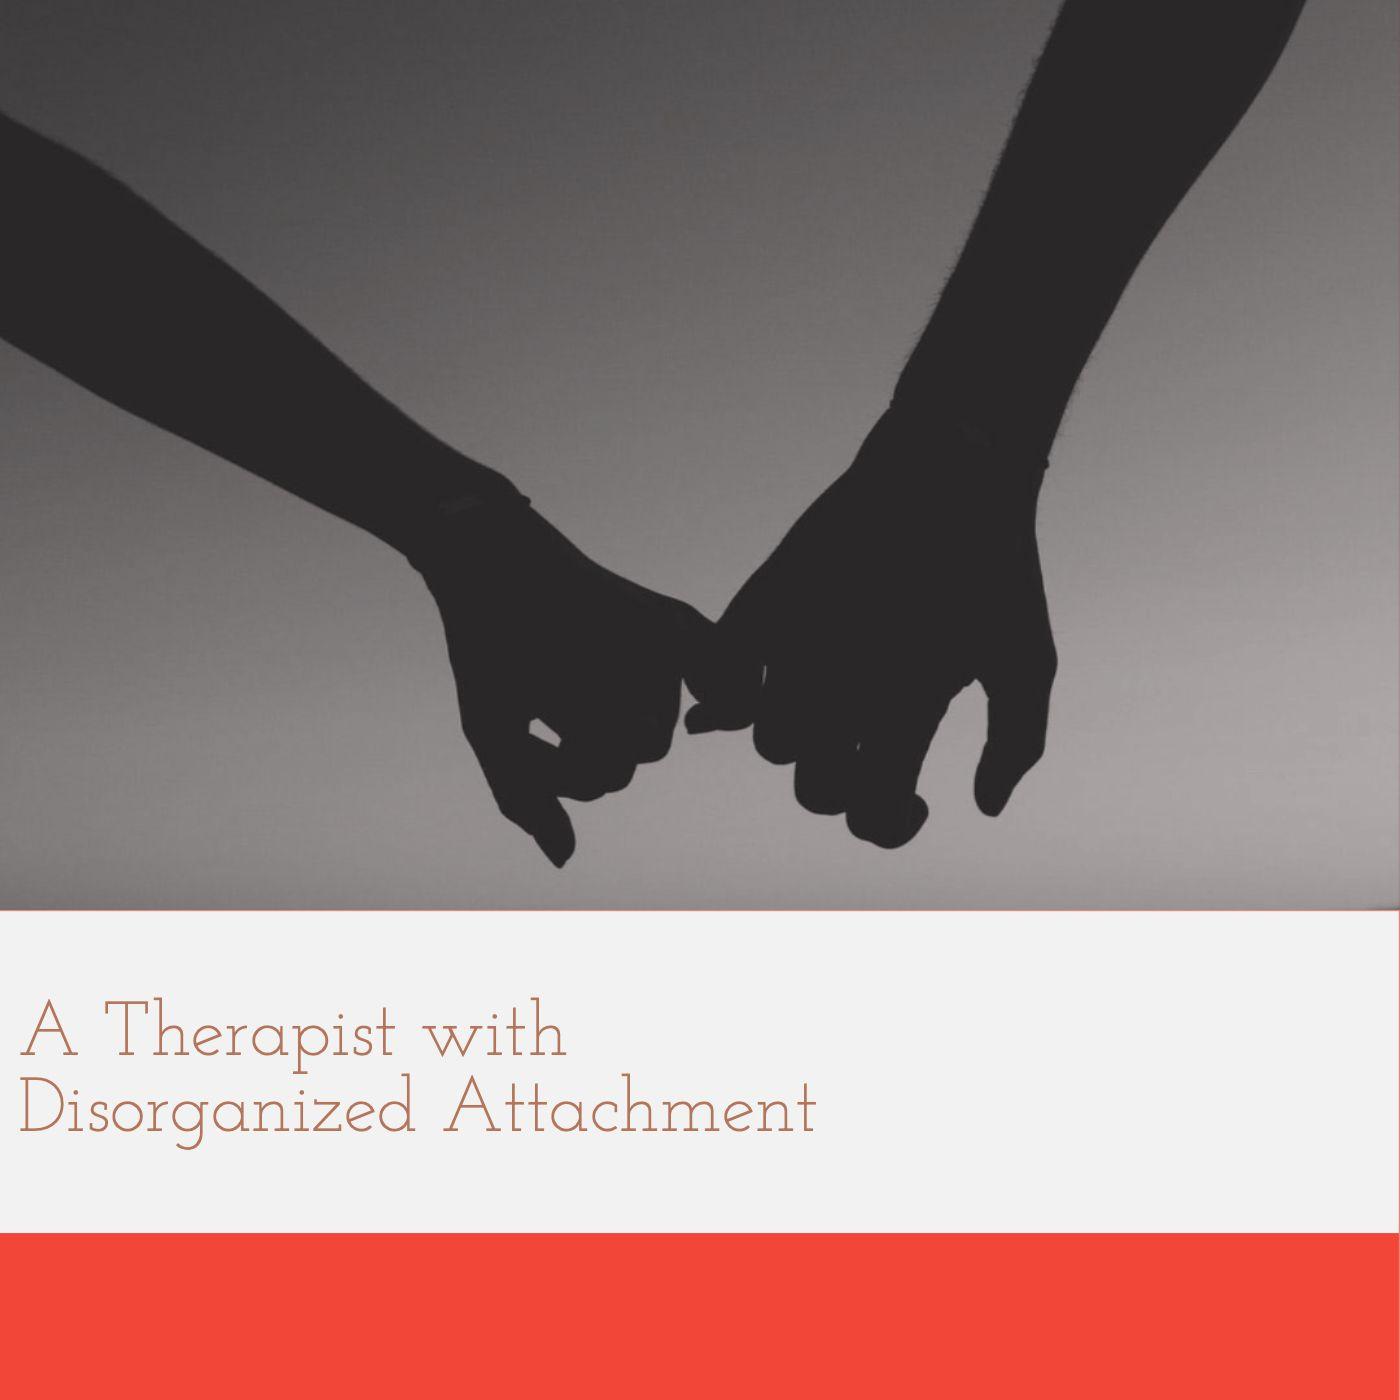 A Therapist with Disorganized Attachment (2019 Rerun)